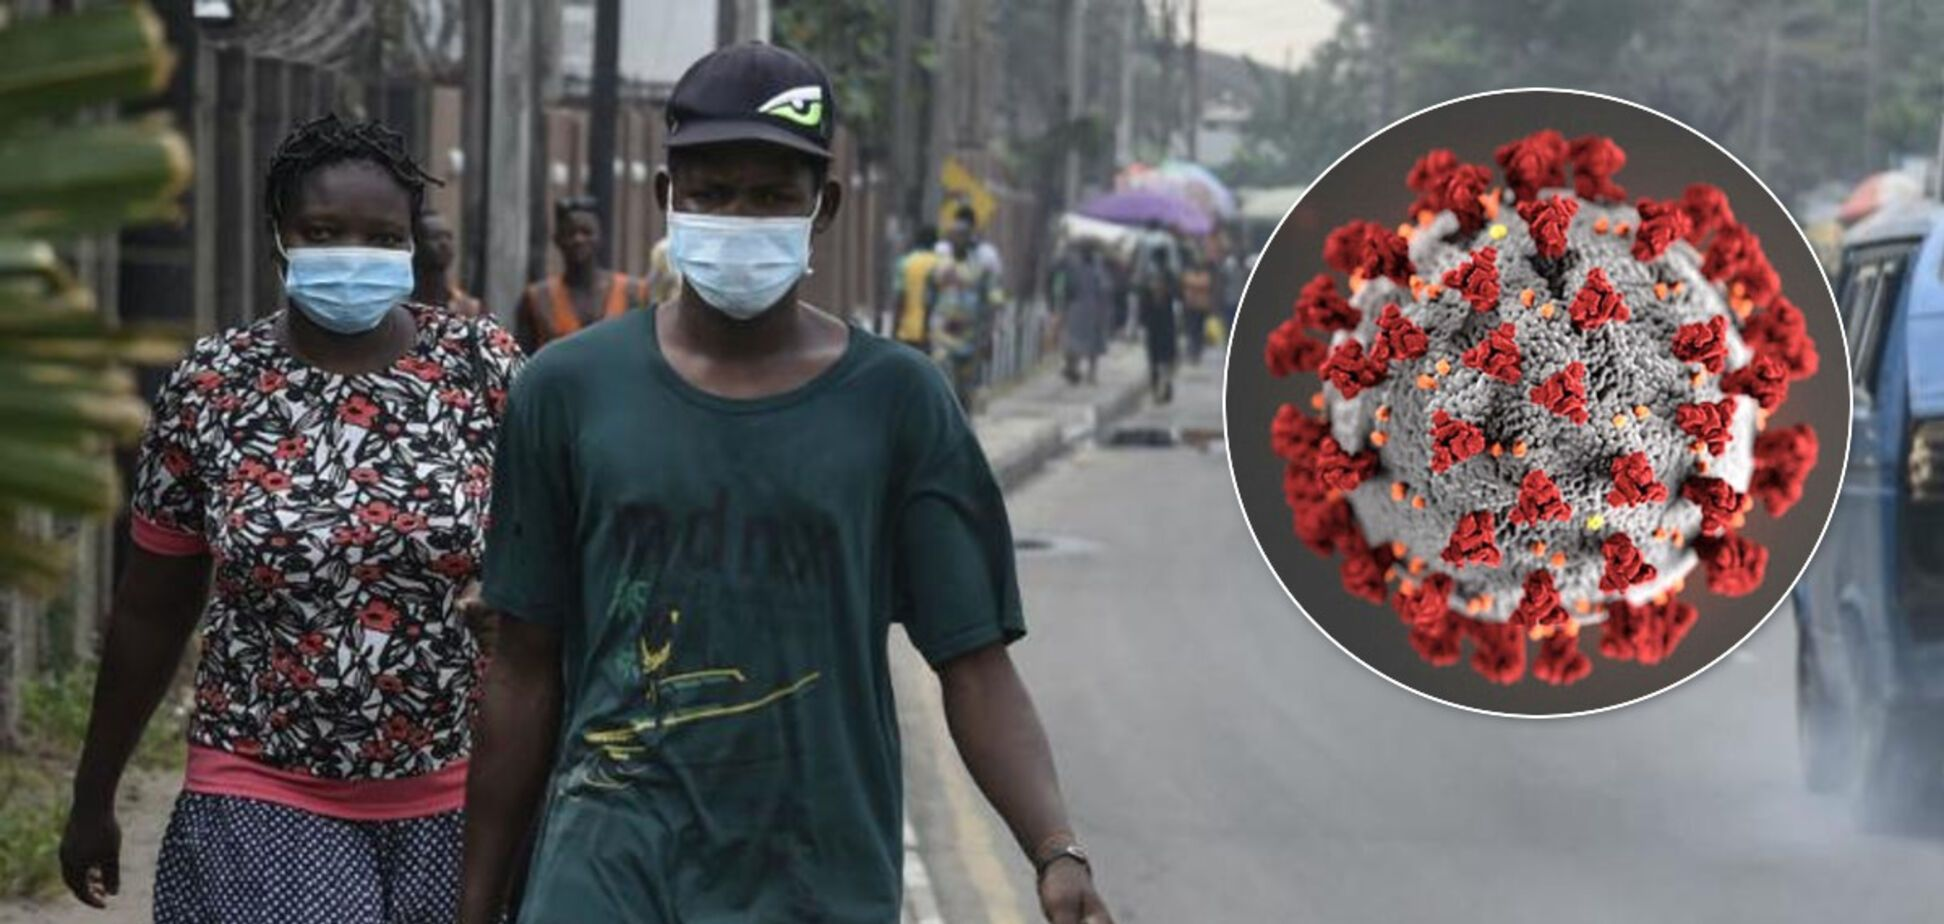 Тестов нет, а кривая болезни растет: Африка может стать новым эпицентром пандемии COVID-19